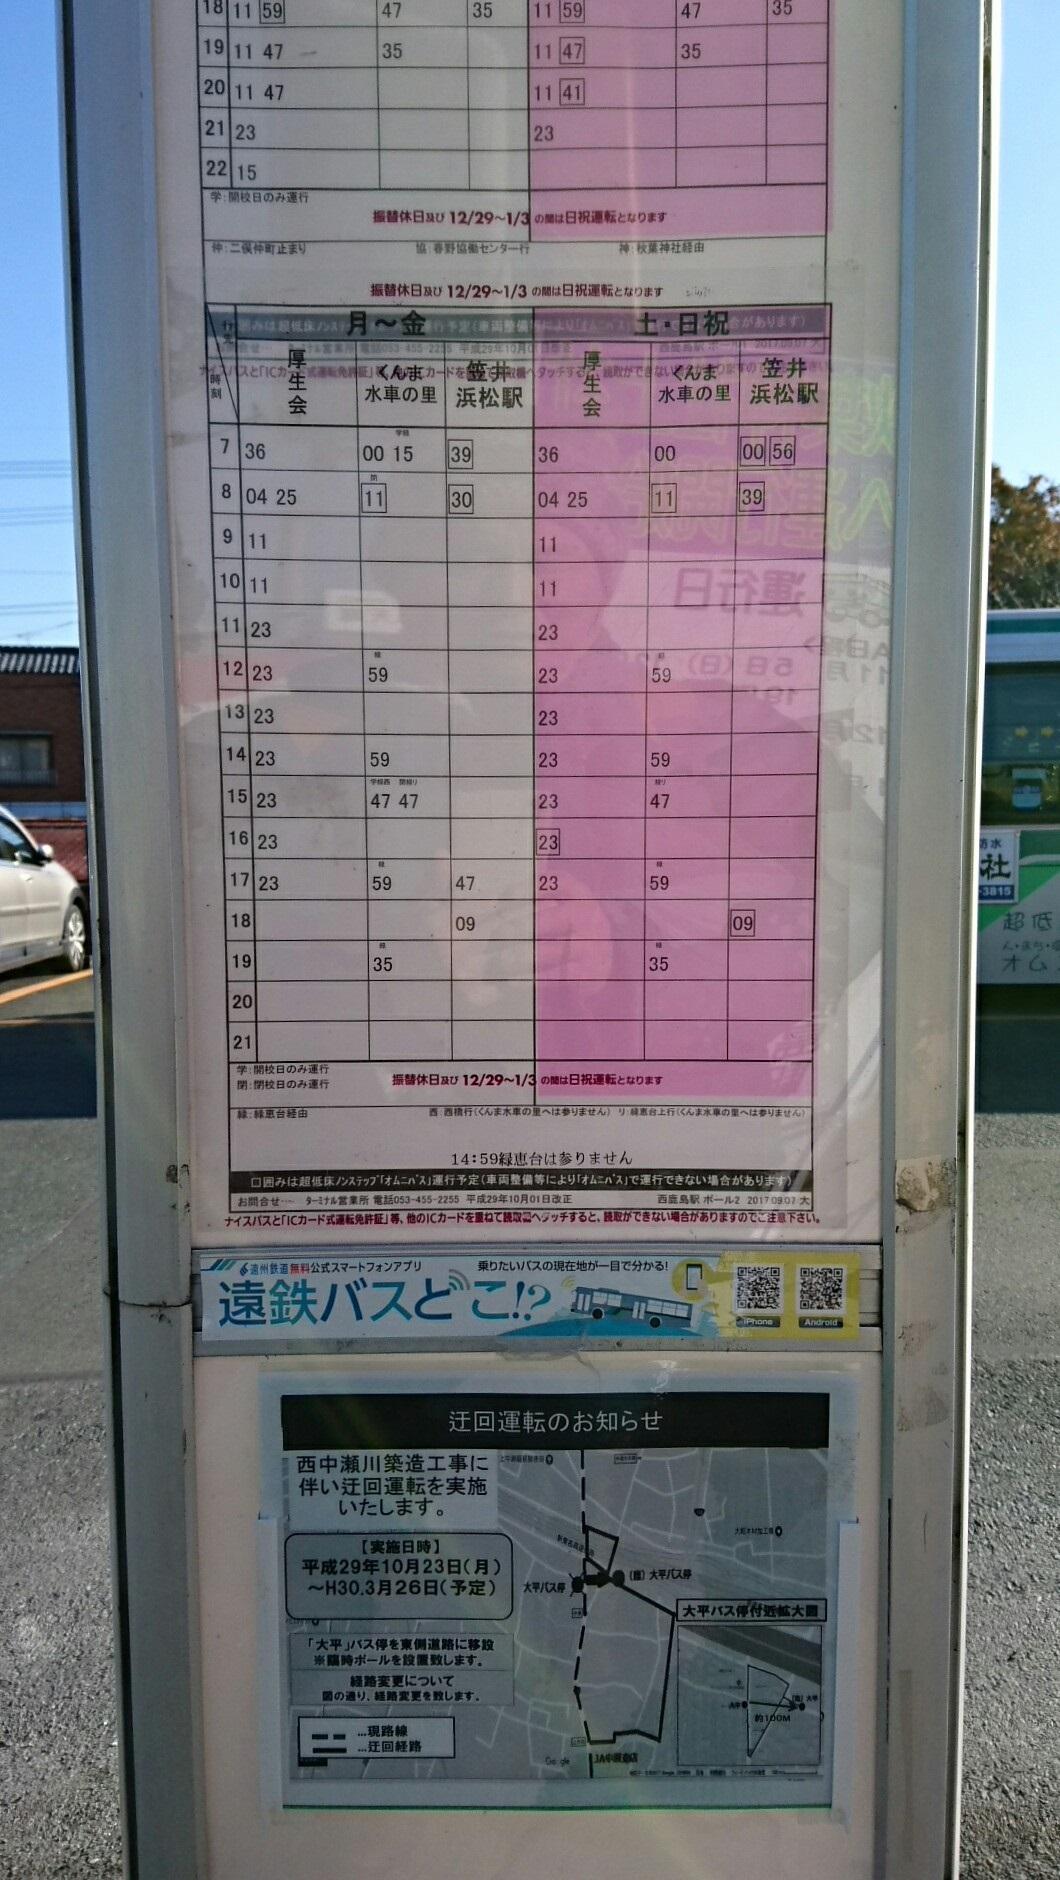 2018.1.11 みさくぼ (17) 西鹿島駅バス停 - 時刻表(した) 1060-1880